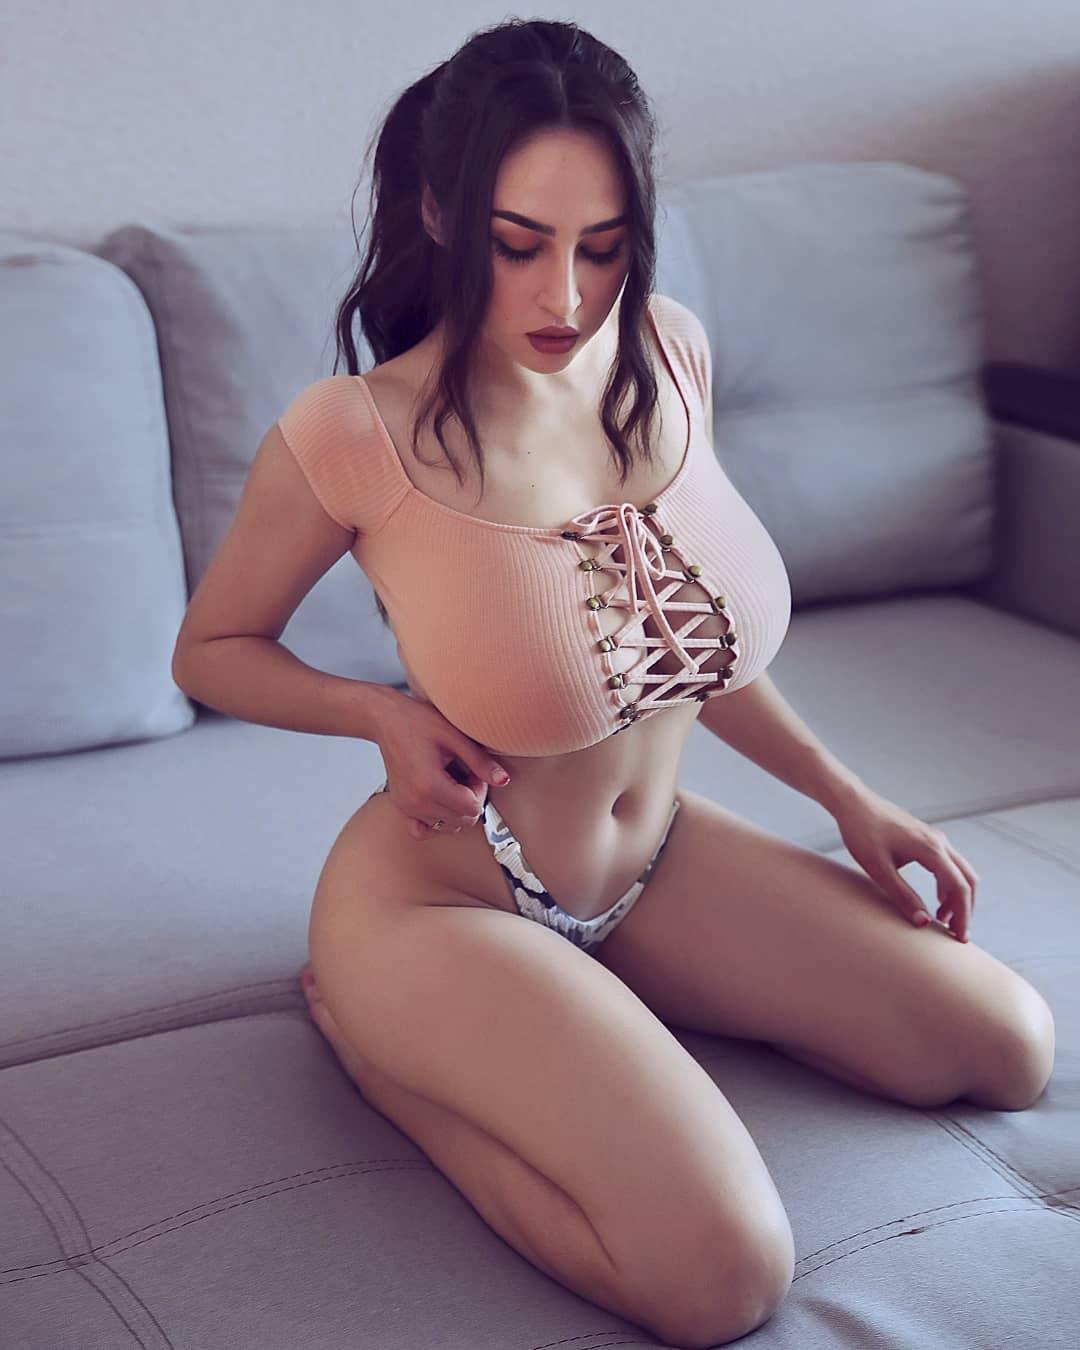 Louisa_Khovanski062.jpg